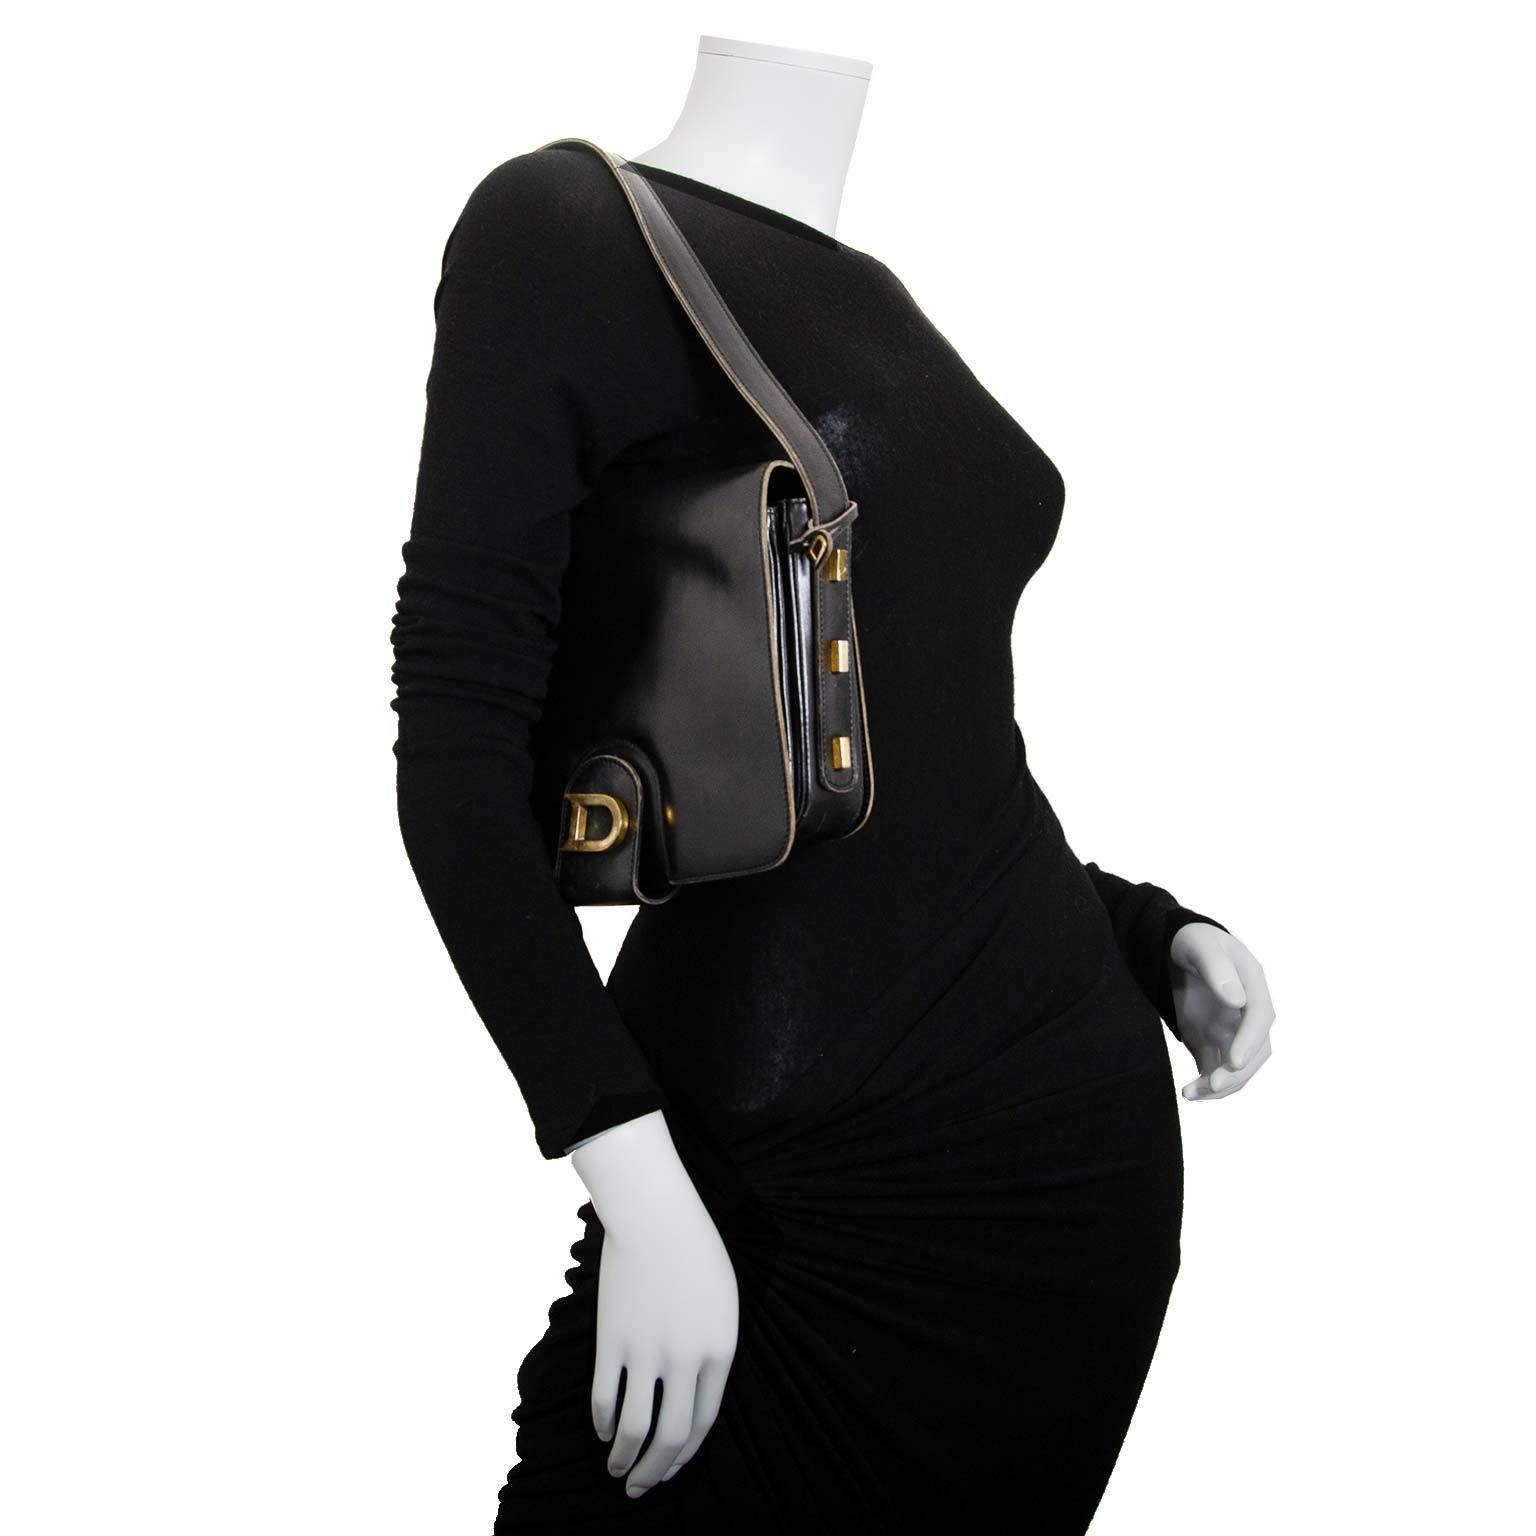 delvaux zwarte lederen tas nu te koop bij labellov vintage mode webshop belgië